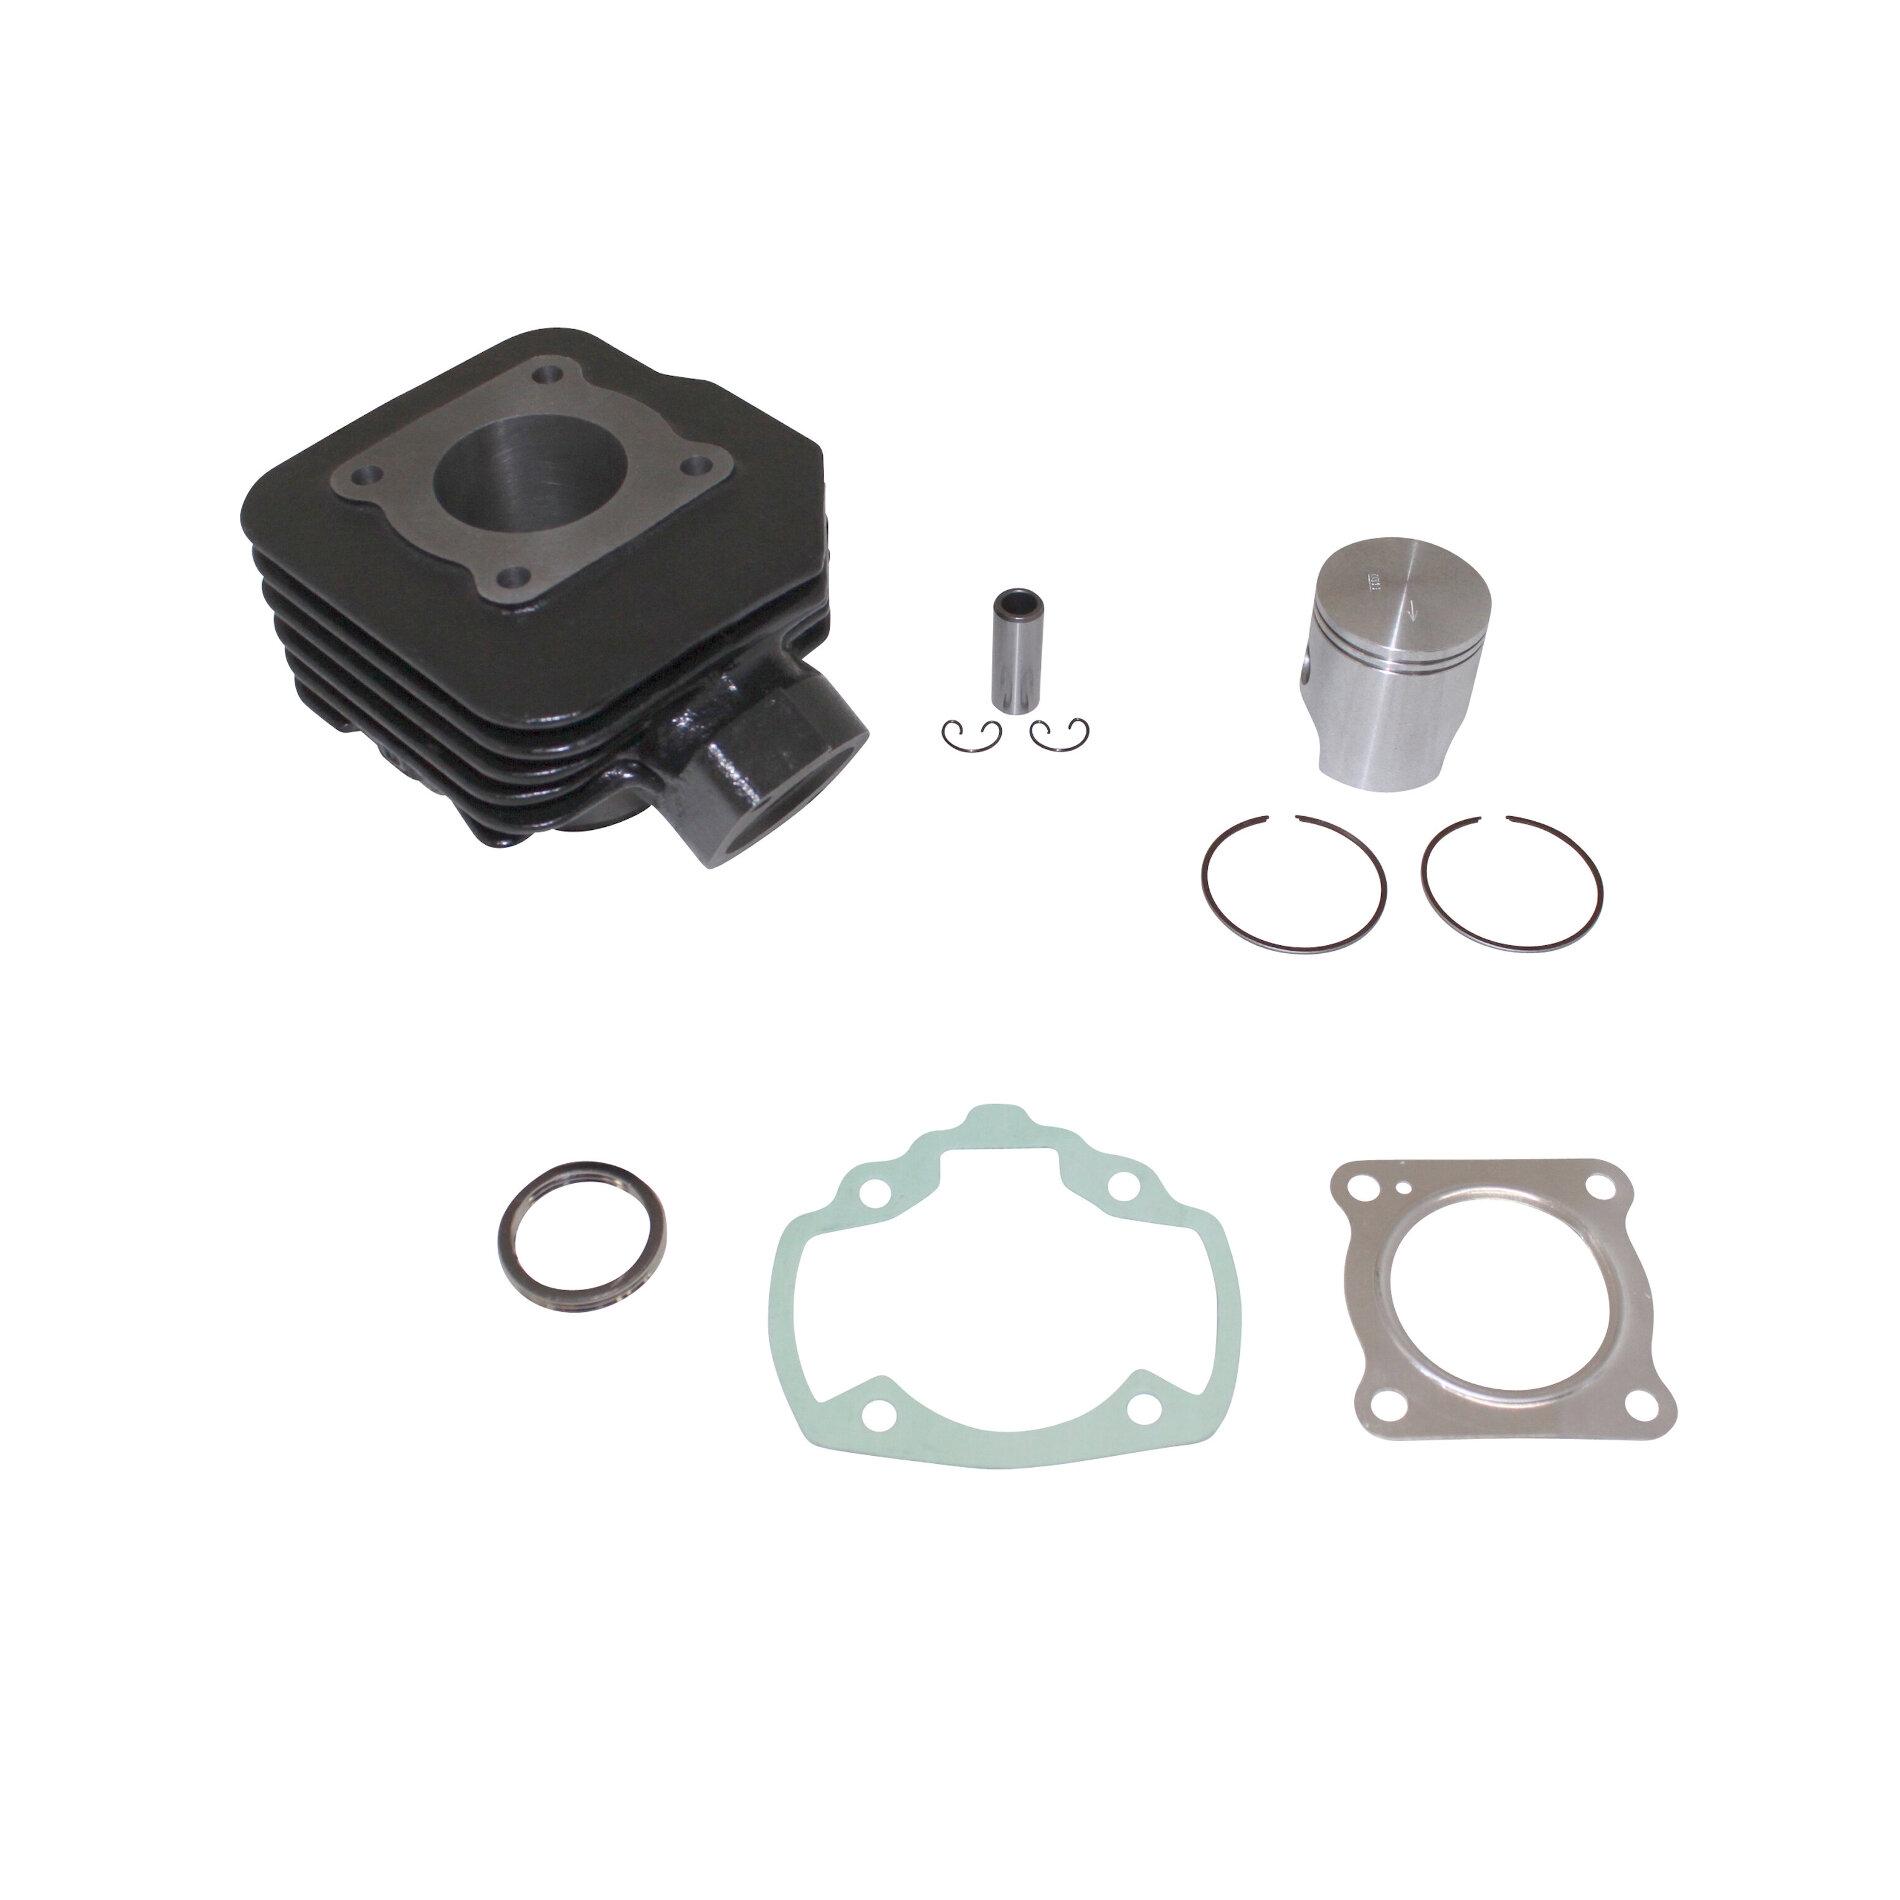 Cylindre fonte adaptable tkr/trekker/Speedfight air/vivacity/buxy